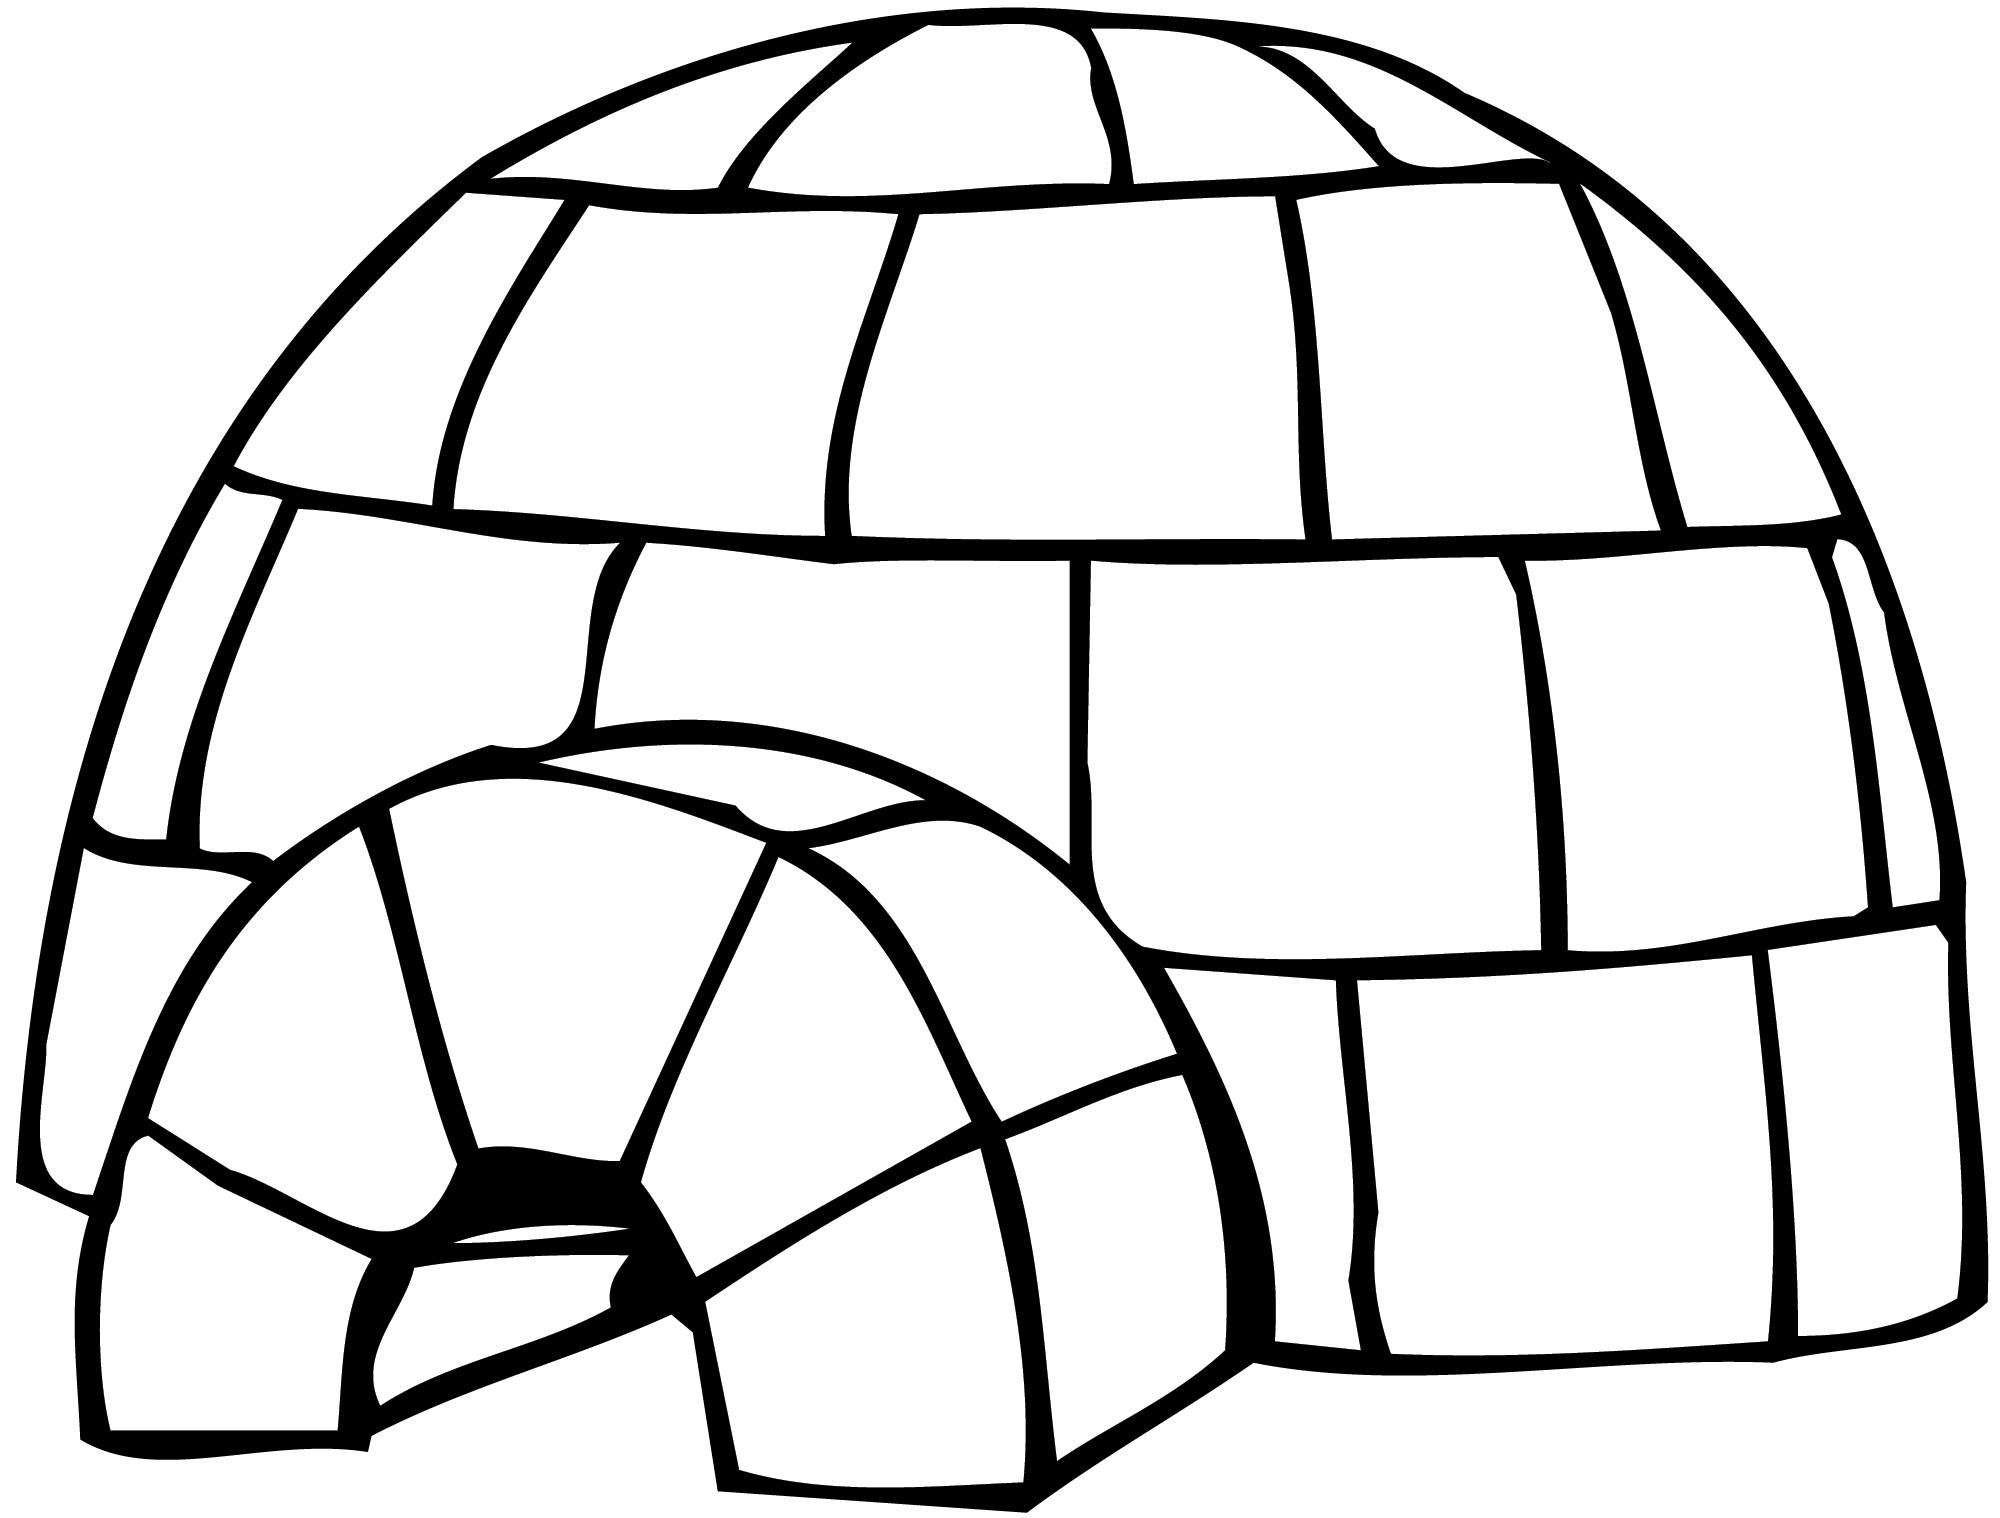 Cartoon igloo clipart